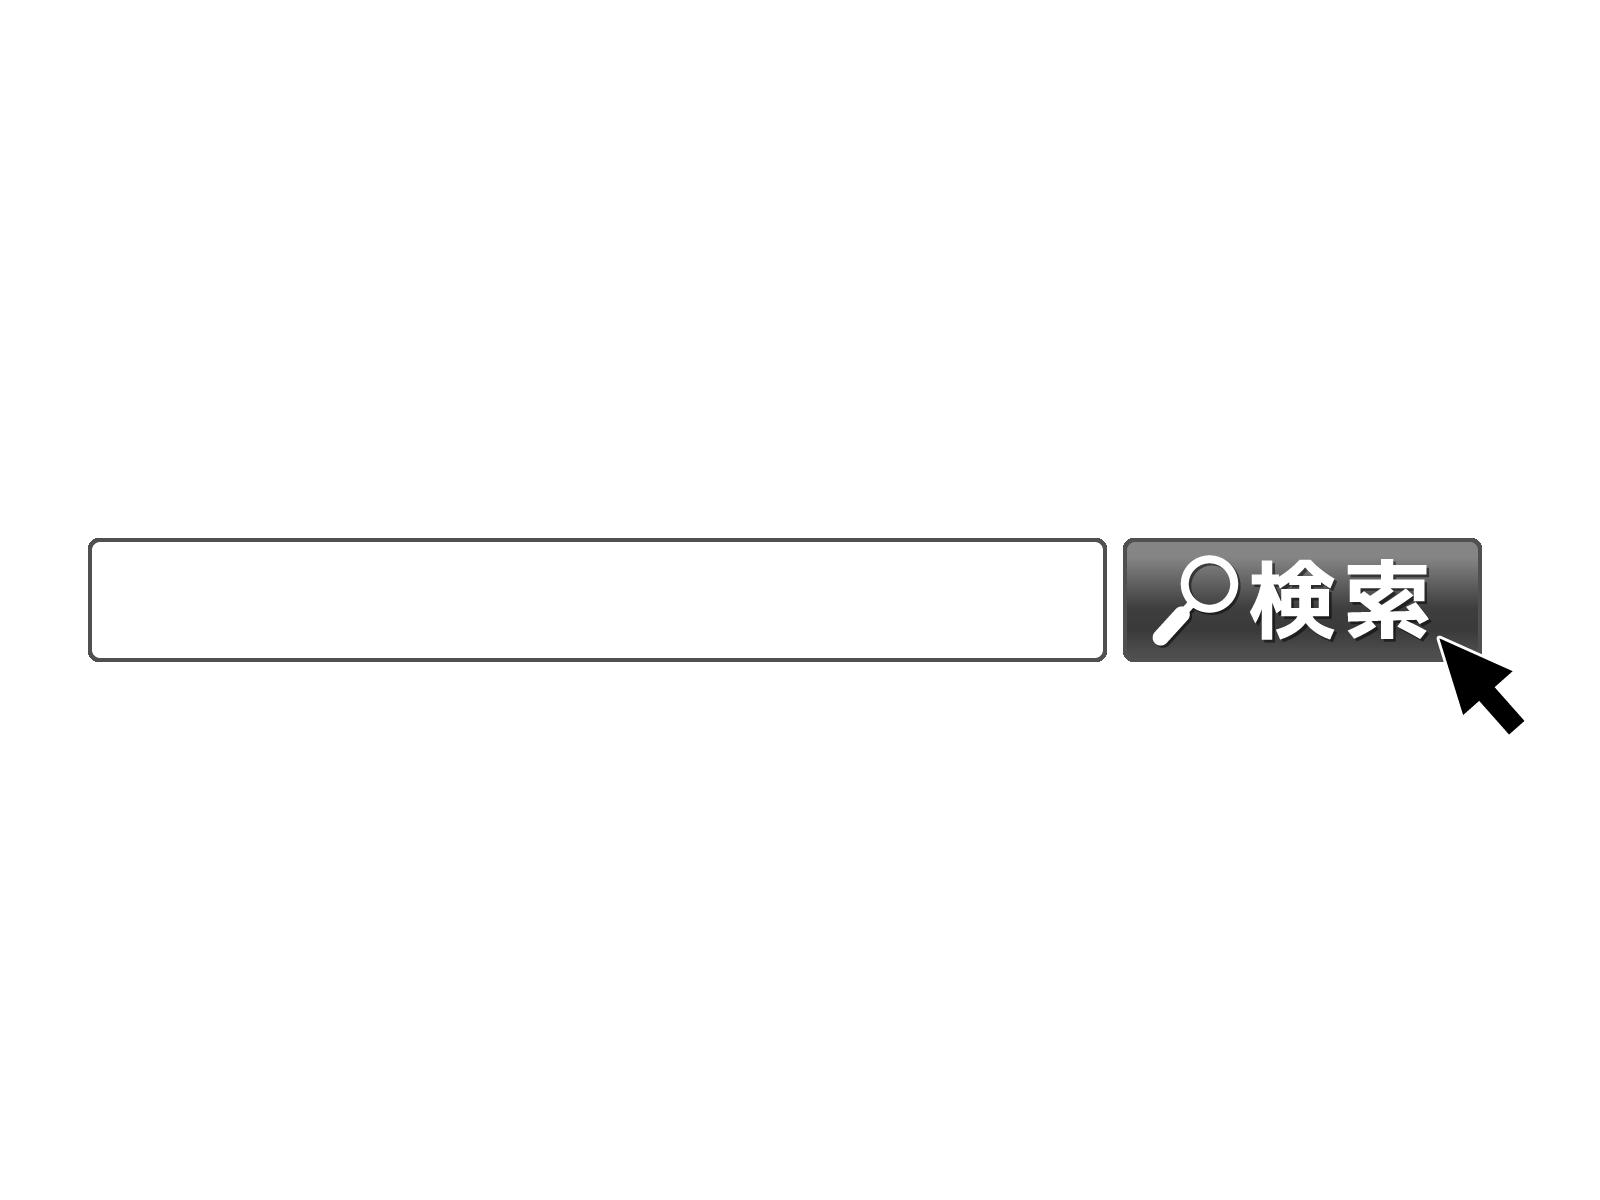 2ちゃんねる(5ちゃんねる)アプリ「BB2C」でスレッドが開けない(板が ...